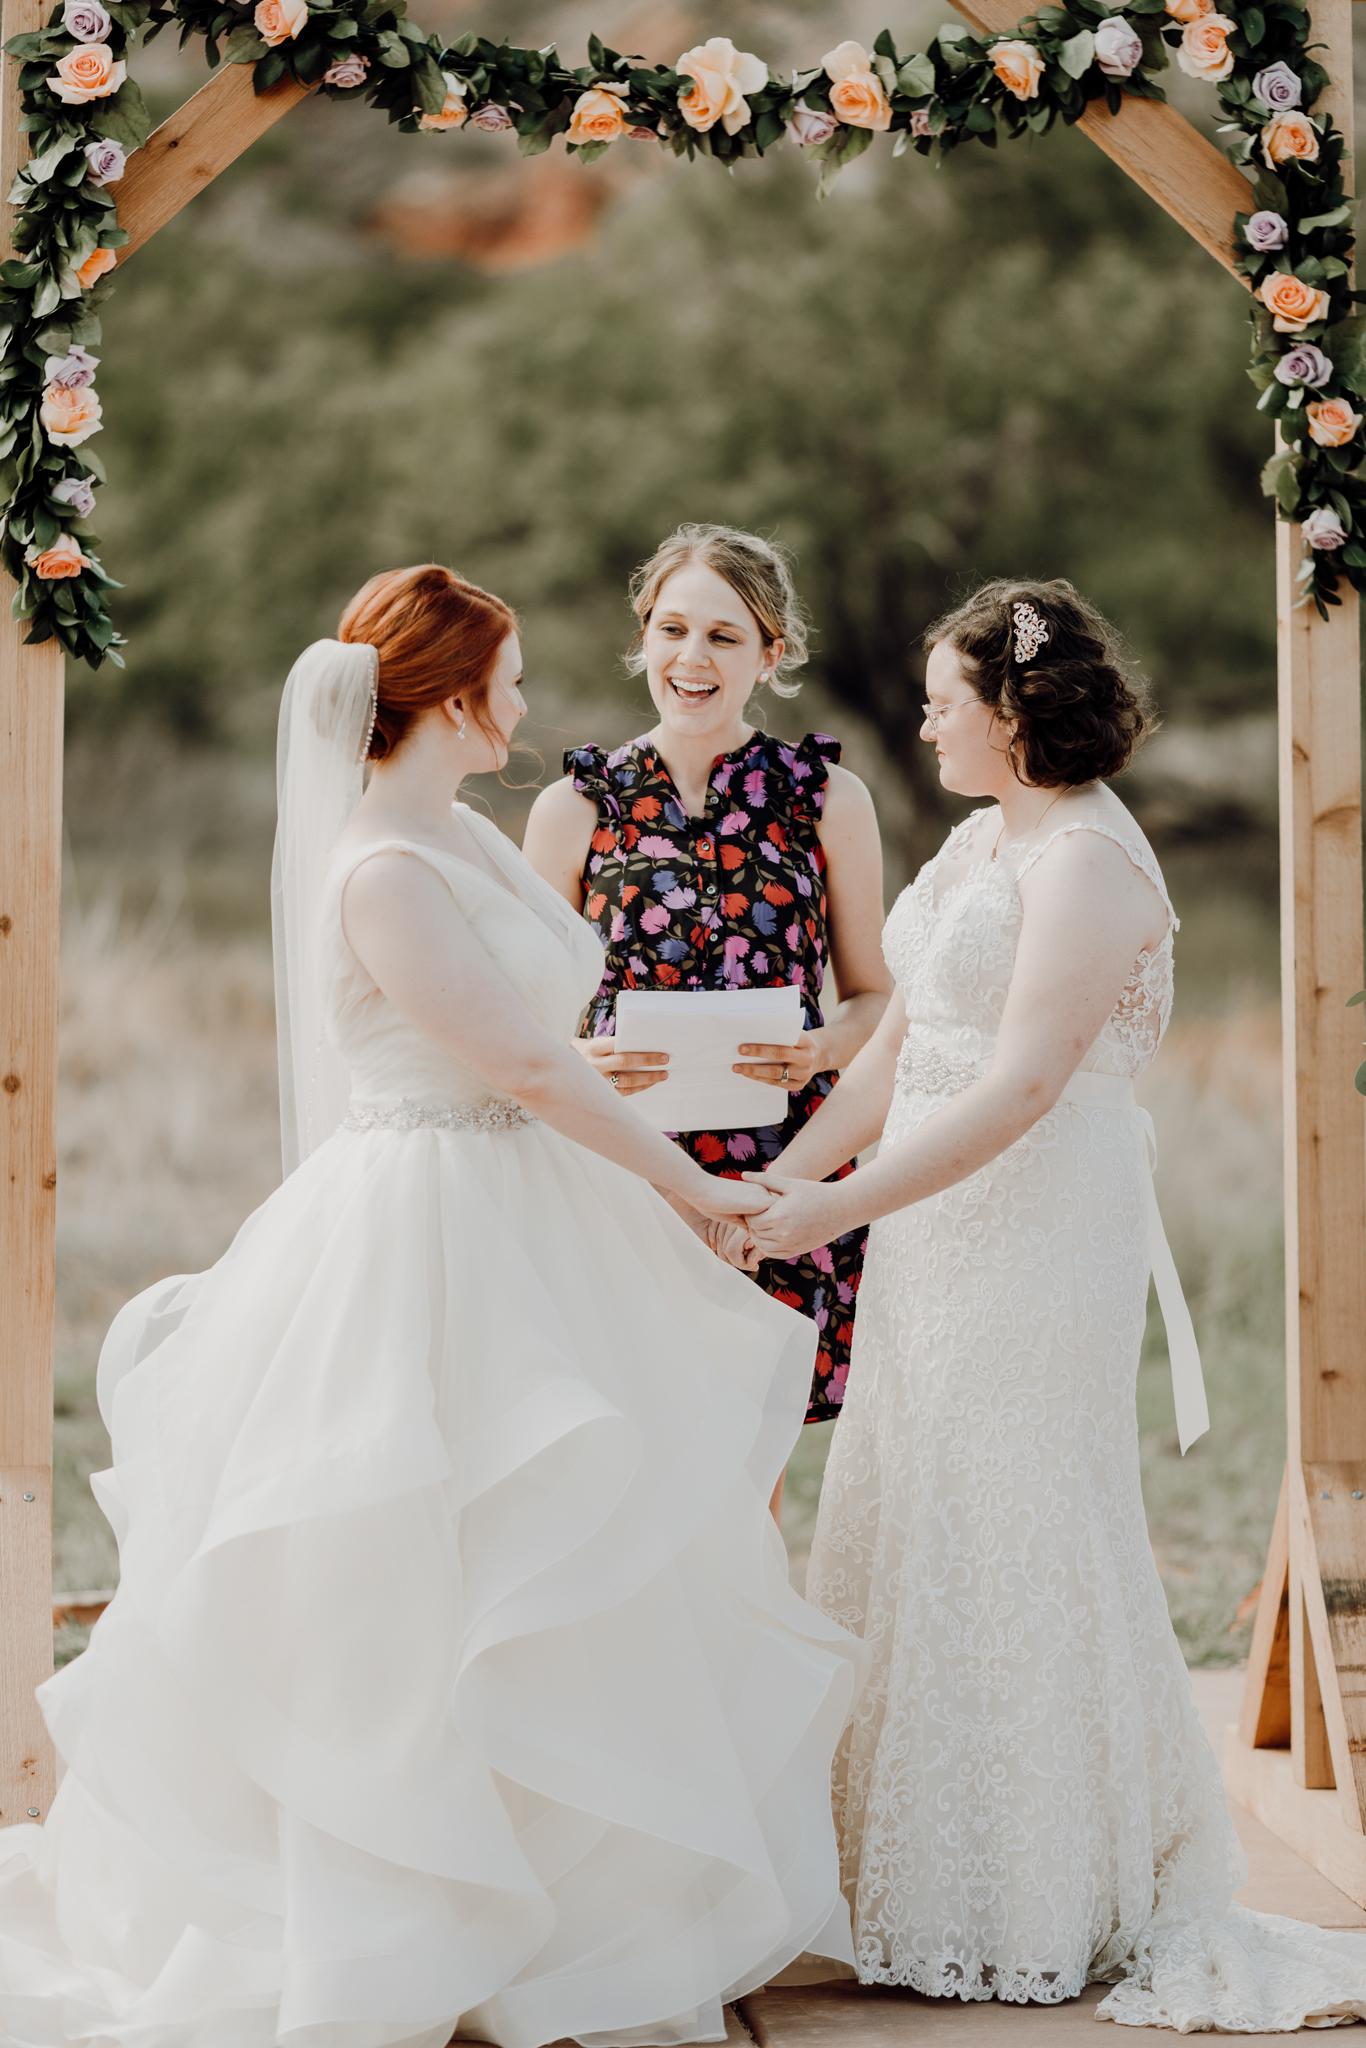 Texas Wedding Photographer-Palo Duro Canyon Sam Sex Wedding- Houston Wedding Photographer -Kristen Giles Photography-28.jpg